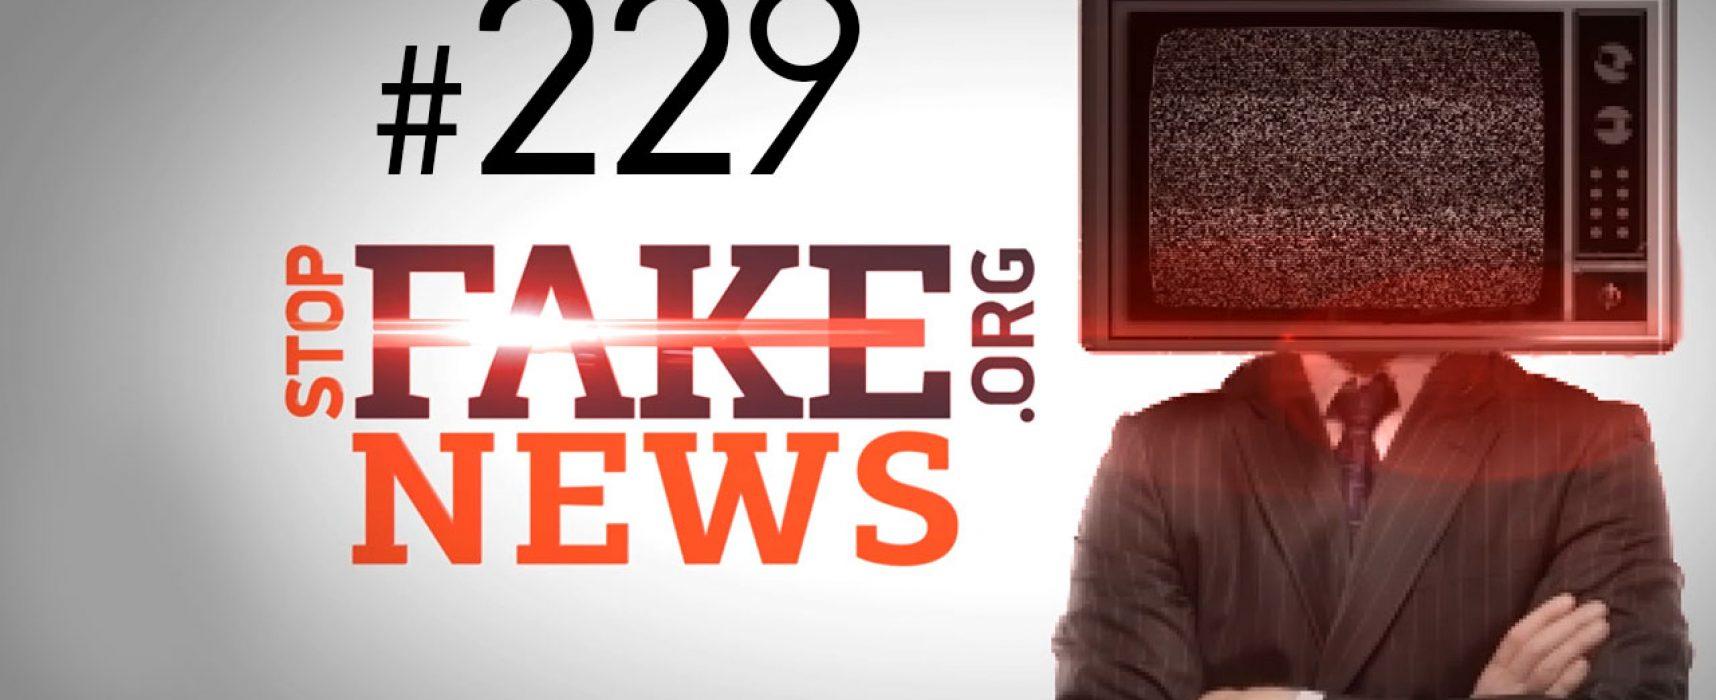 Глава МИД Венгрии не угрожал Украине войсками НАТО — SFN #229